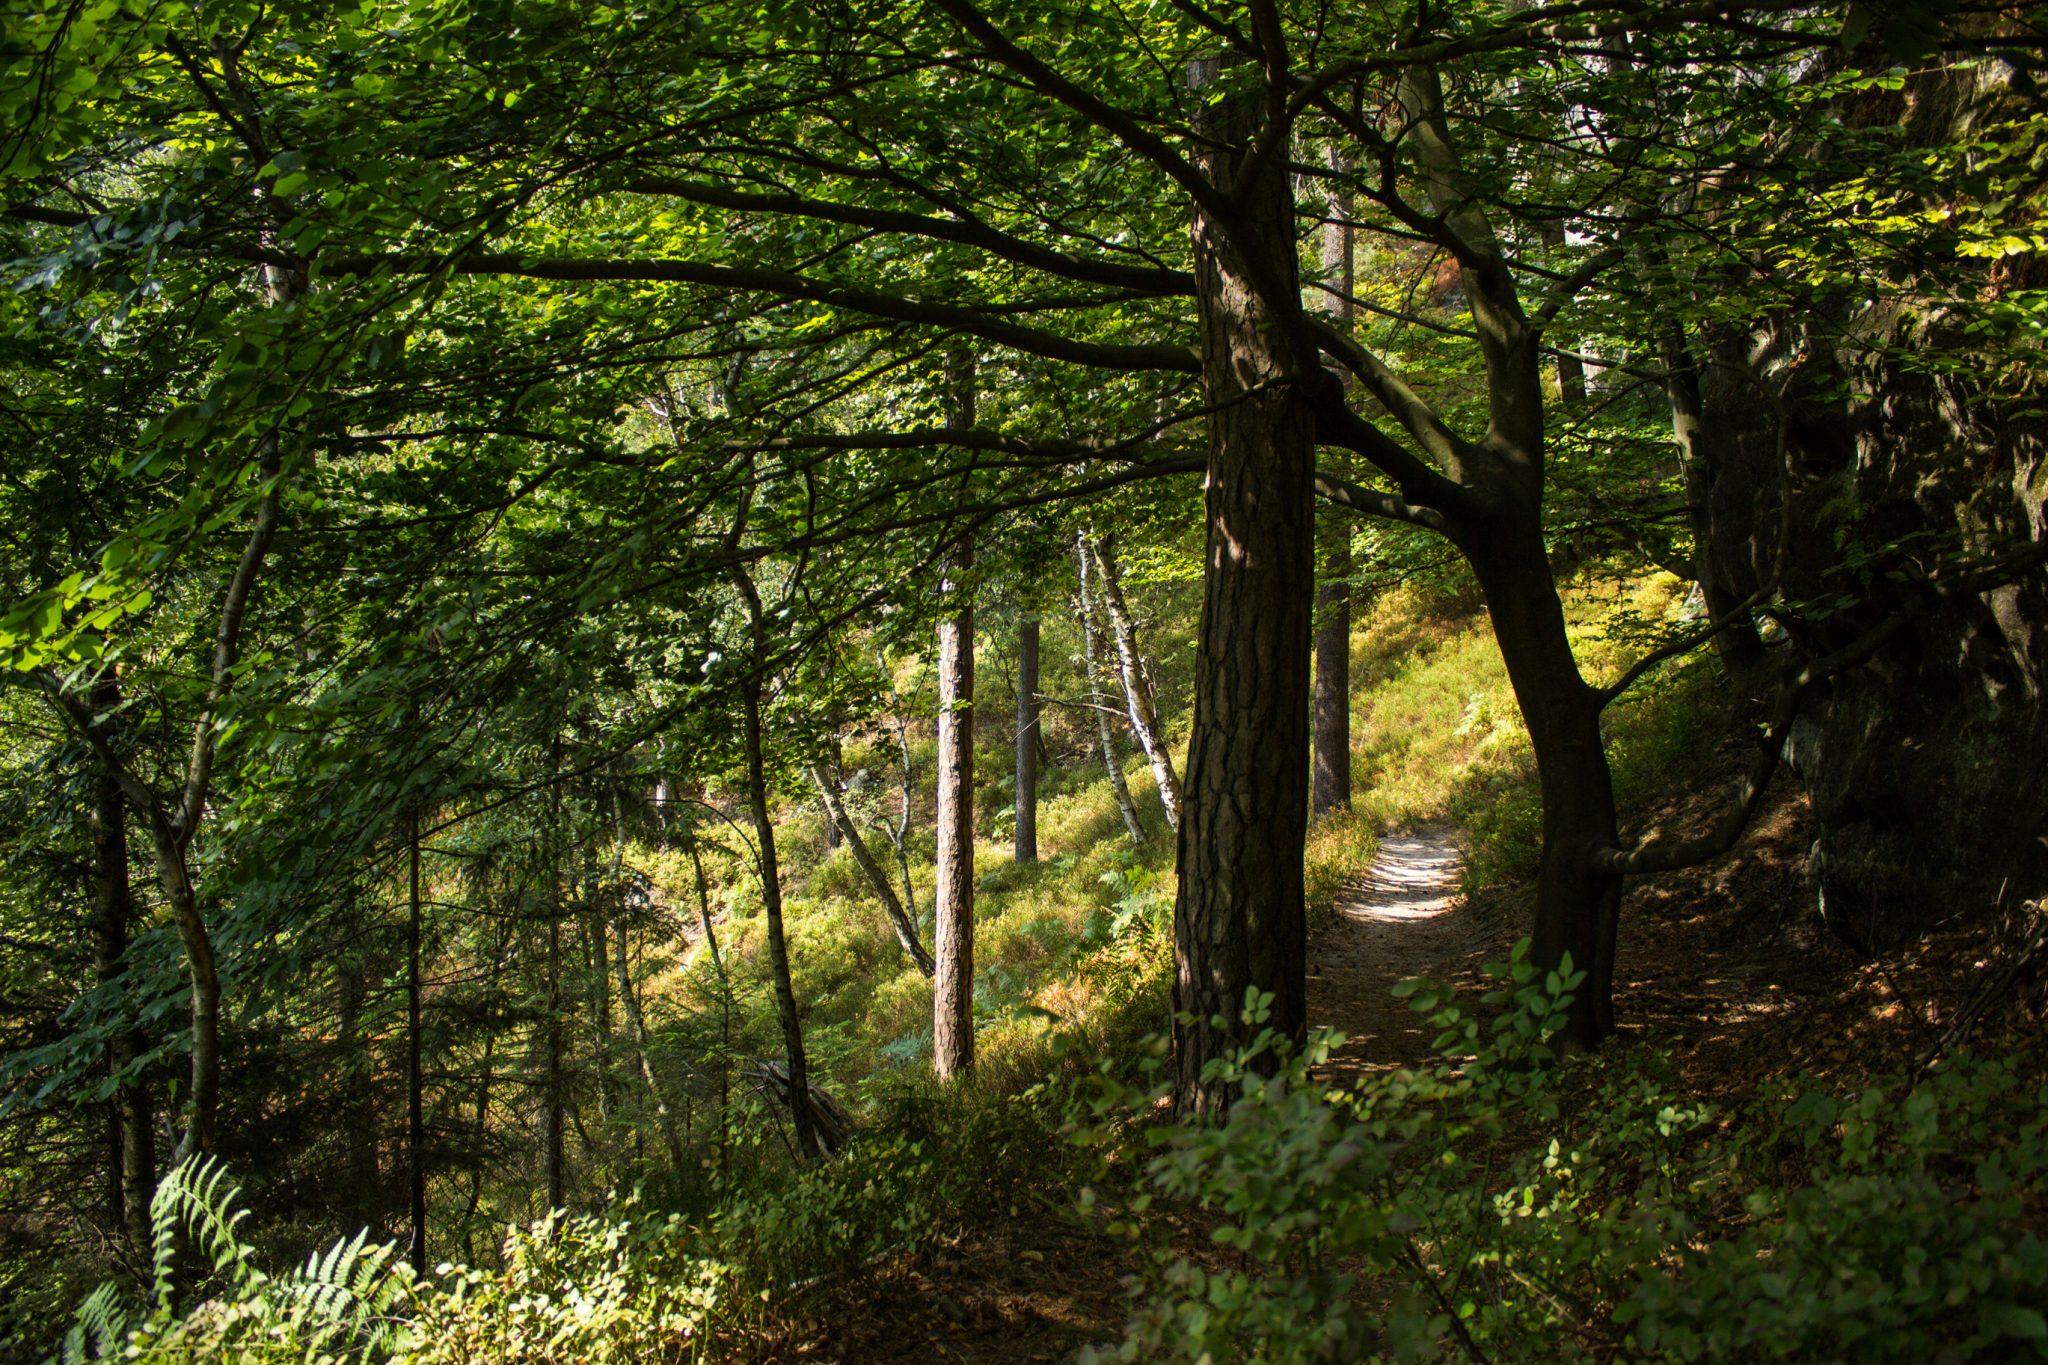 Zeughaus Roß- und Goldsteig Richterschlüchte im Kirnitzschtal wandern, Wanderweg im Wanderparadies Sächsische Schweiz mit vielen tollen Aussichten, riesiger Felsennationalpark, schmaler natürlicher Pfad durch schönen Wald